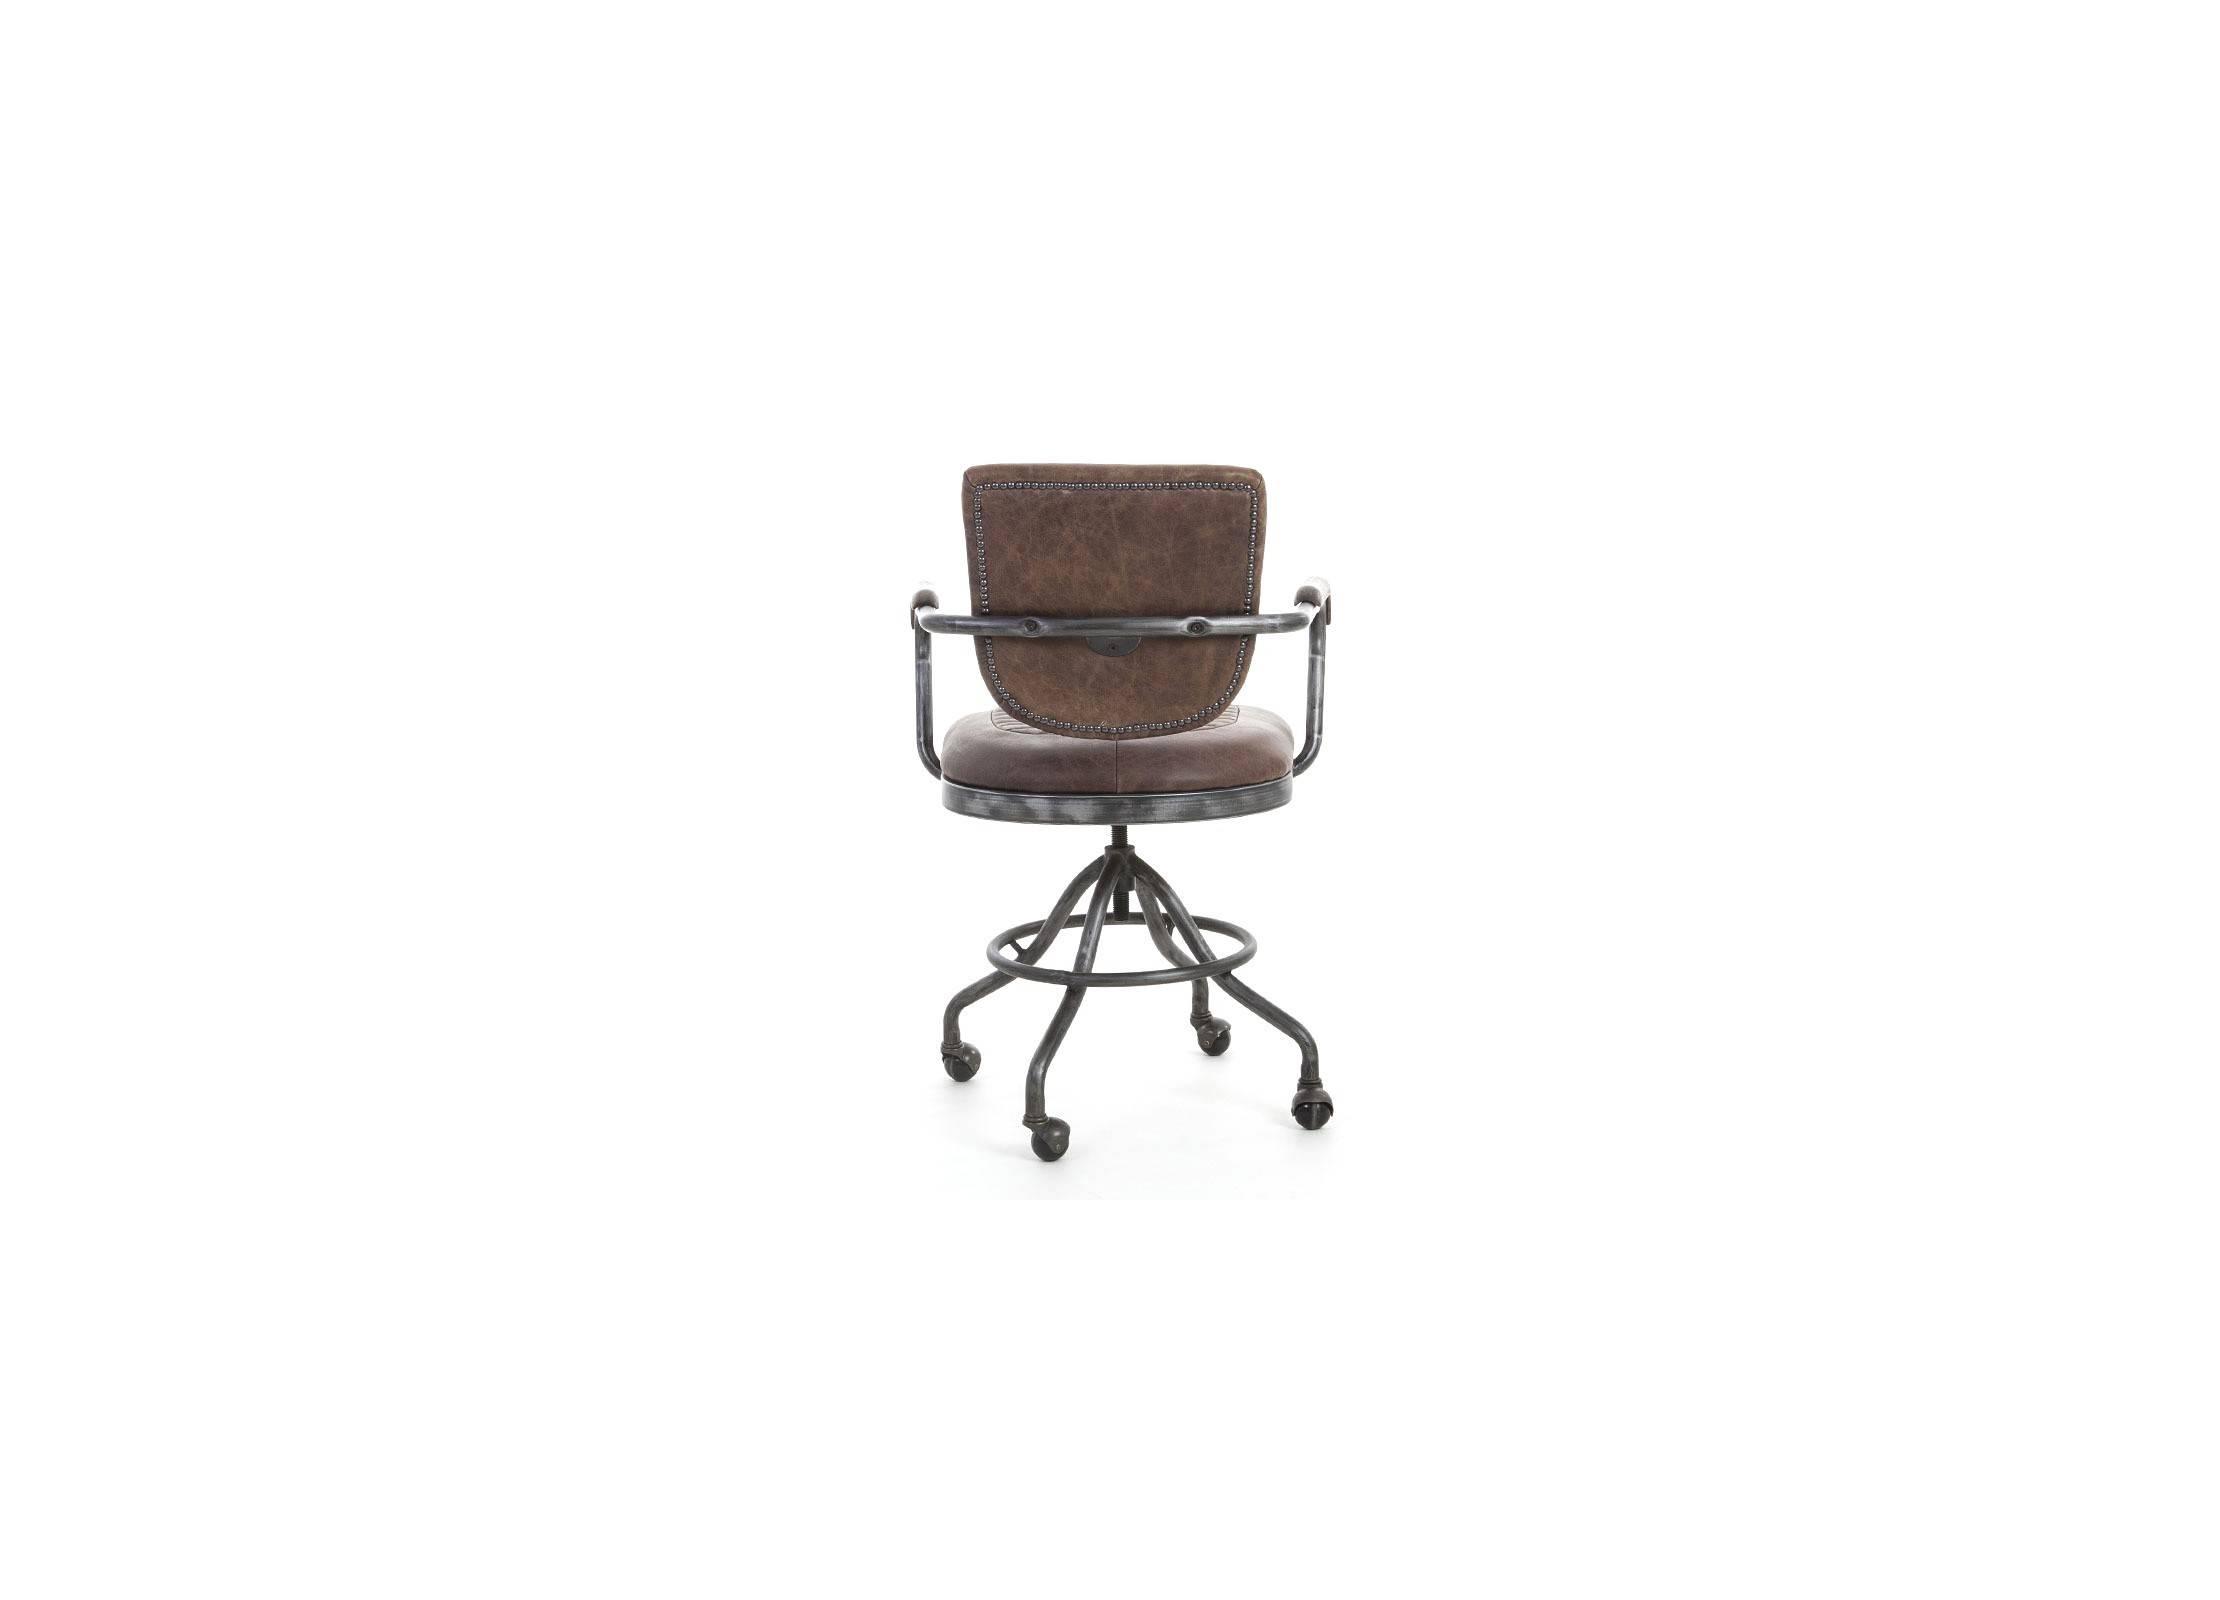 Bureau Metallique Industriel Vintage fauteuil de bureau en cuir marron style vintage et métal sur